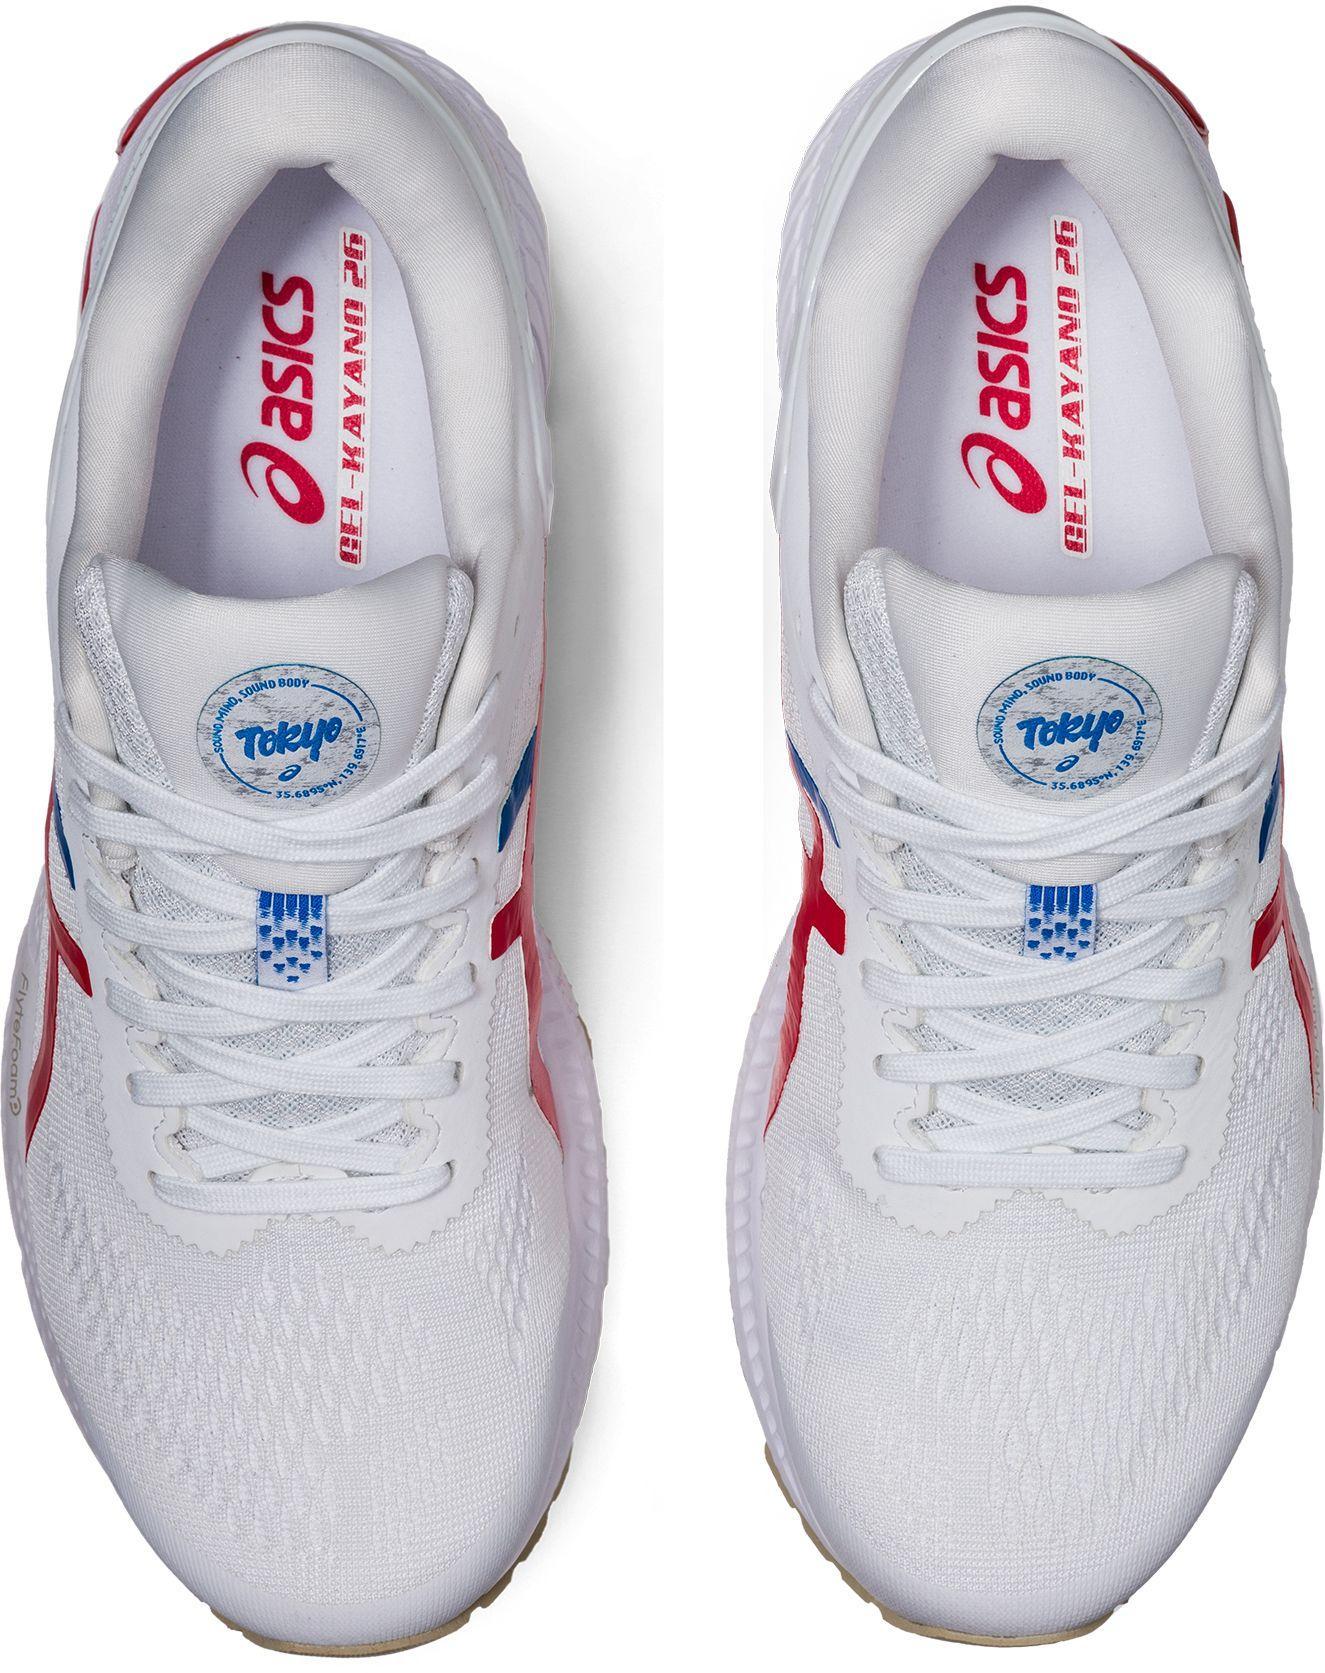 Premium Wax Flat Shoe laces